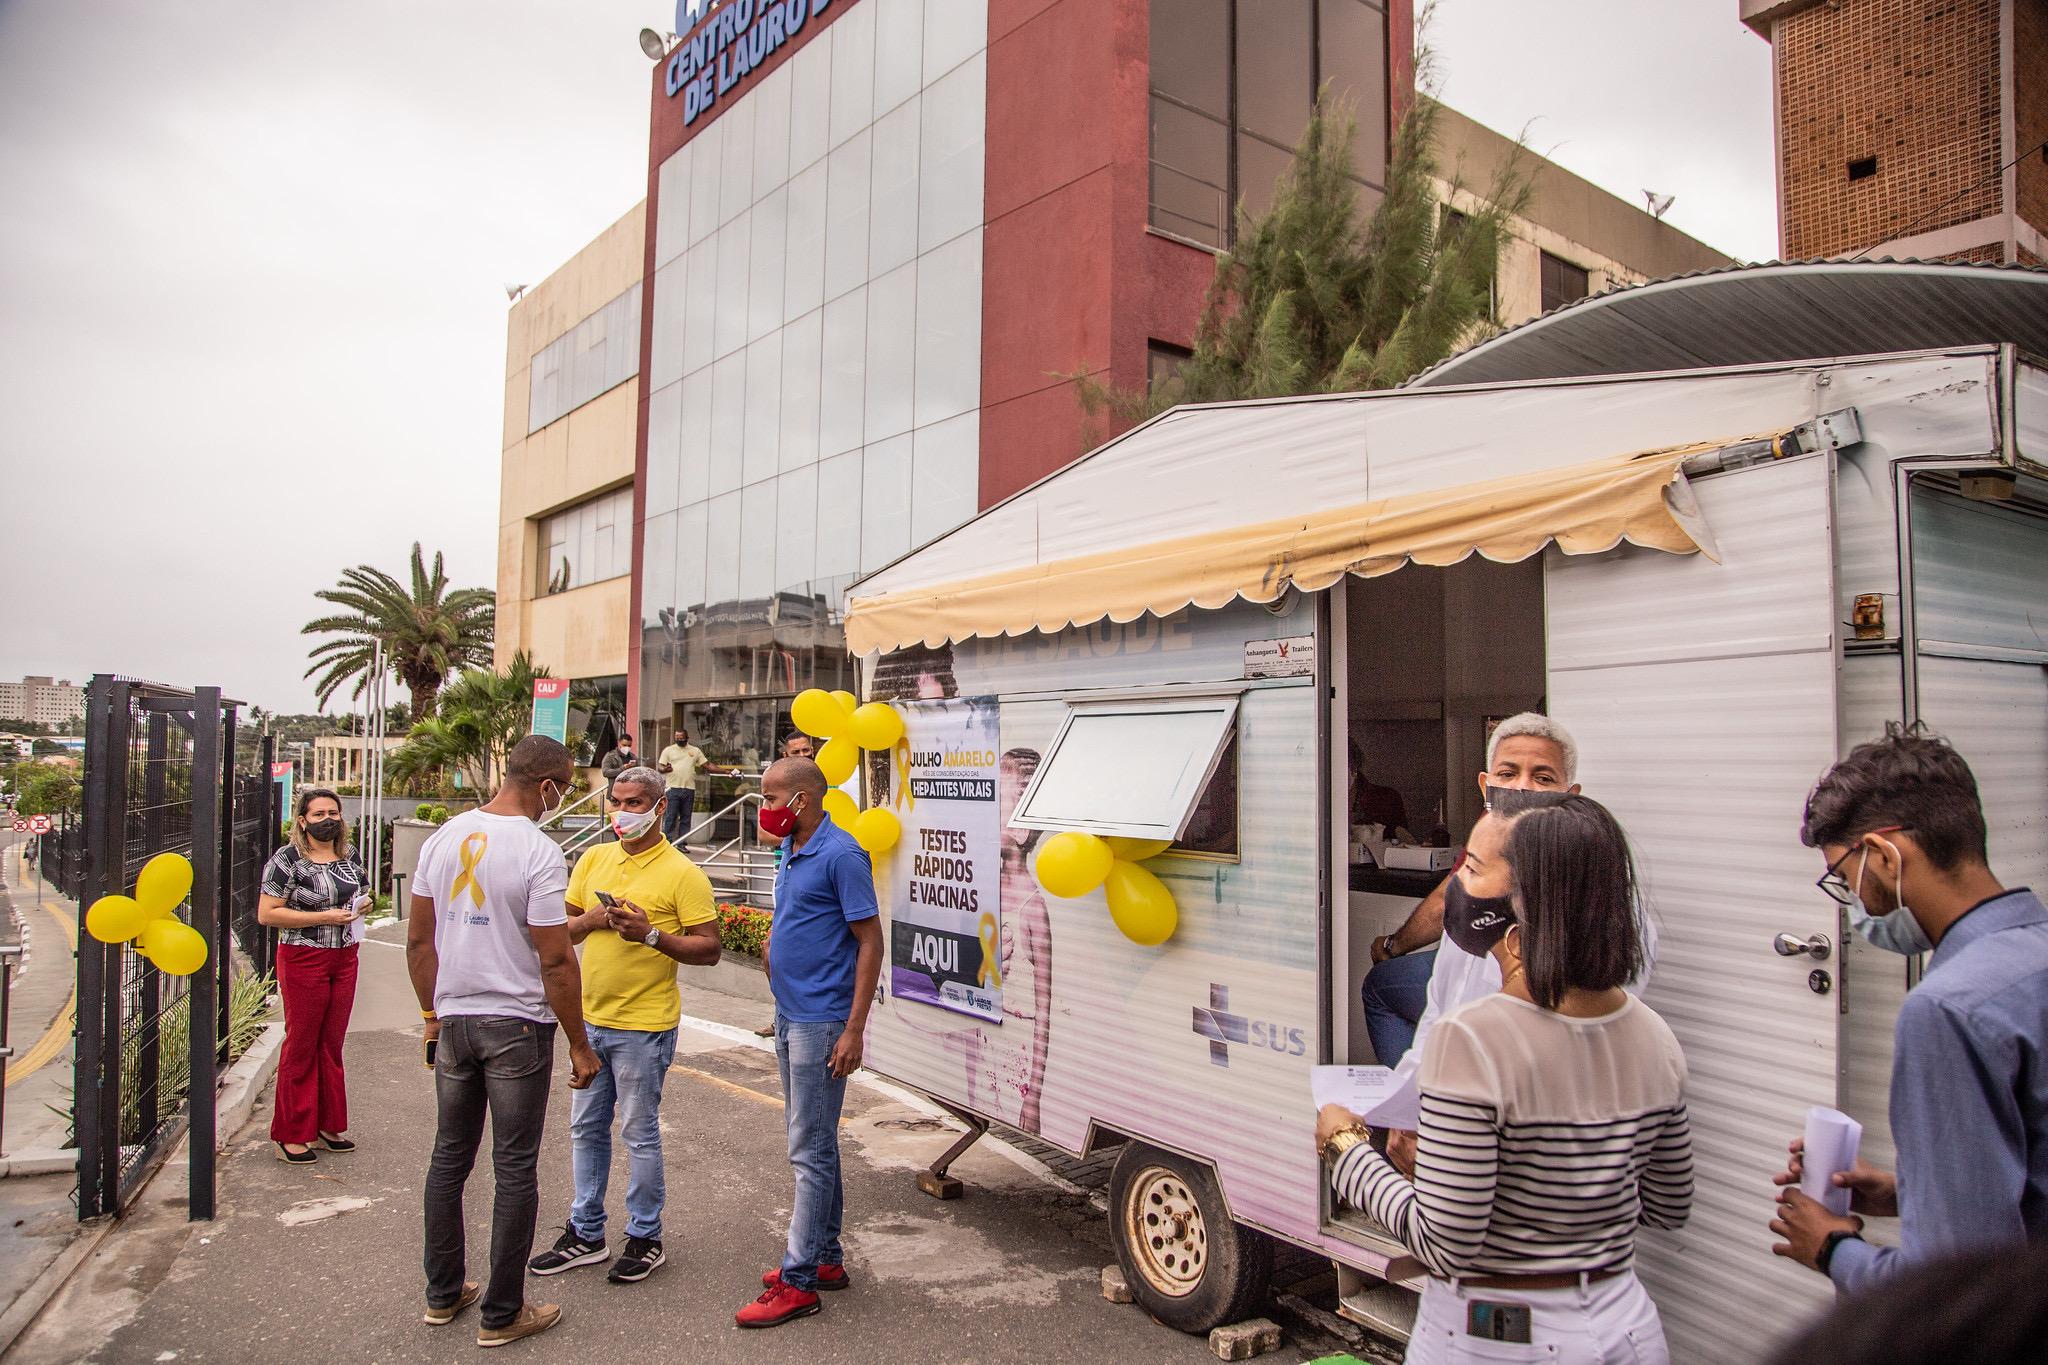 Centro Administrativo de Lauro de Freitas recebe ações do Julho Amarelo; 220 pessoas são testadas para a hepatite